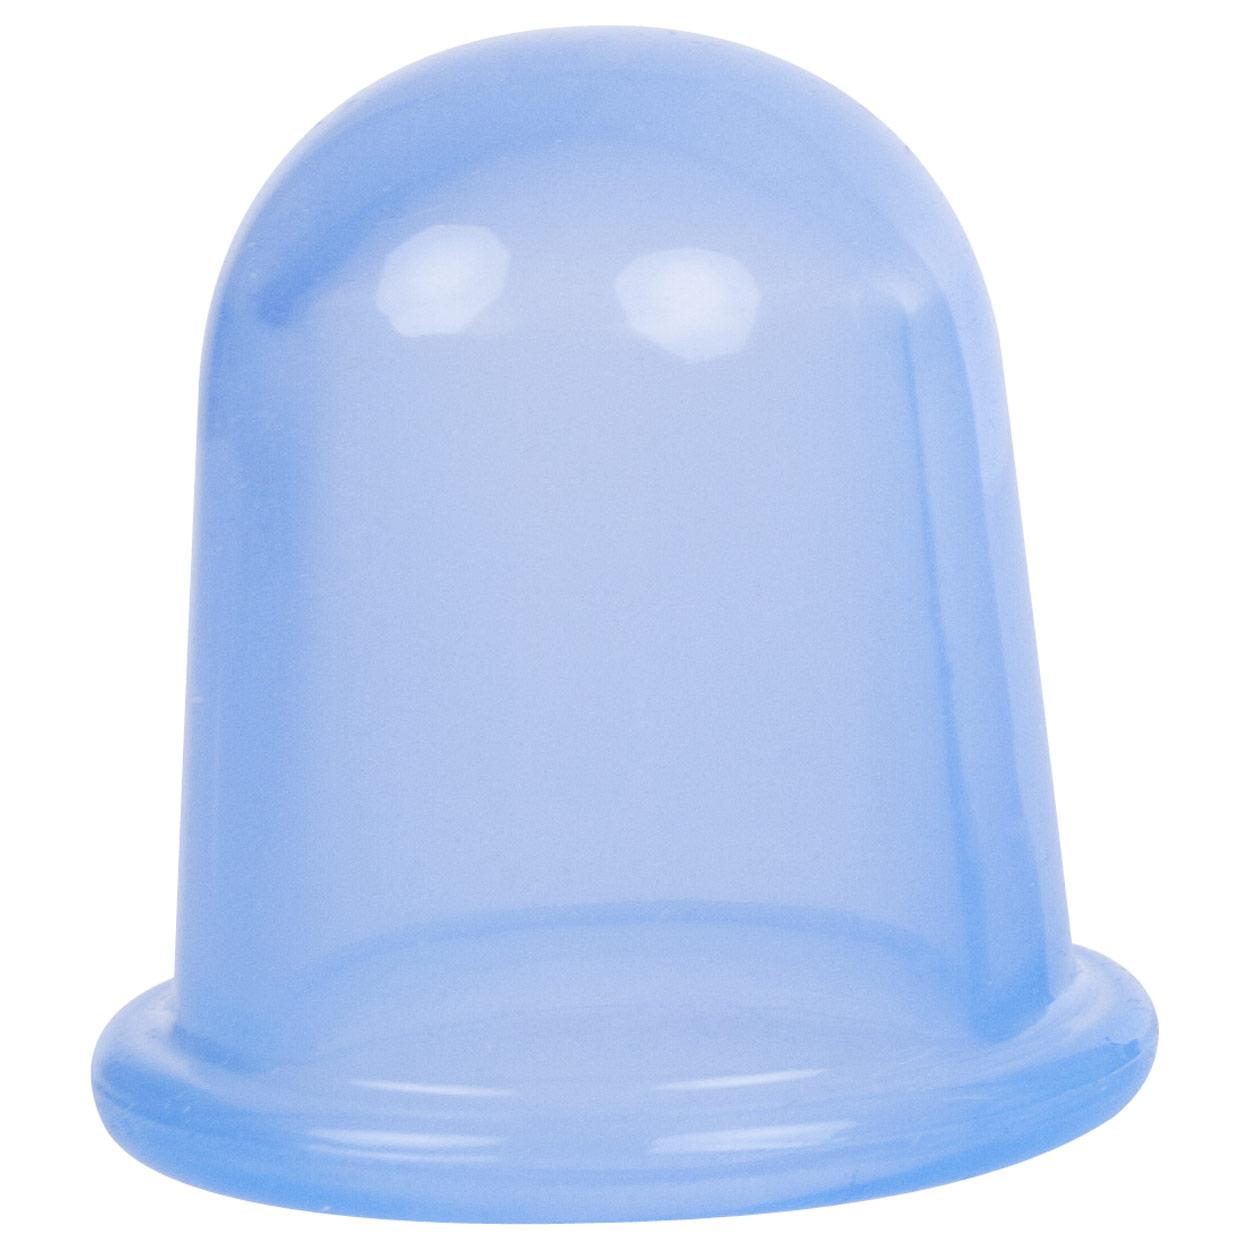 schröpfkopf aus silikon, ø 5x5 cm günstig online kaufen | sport-tec